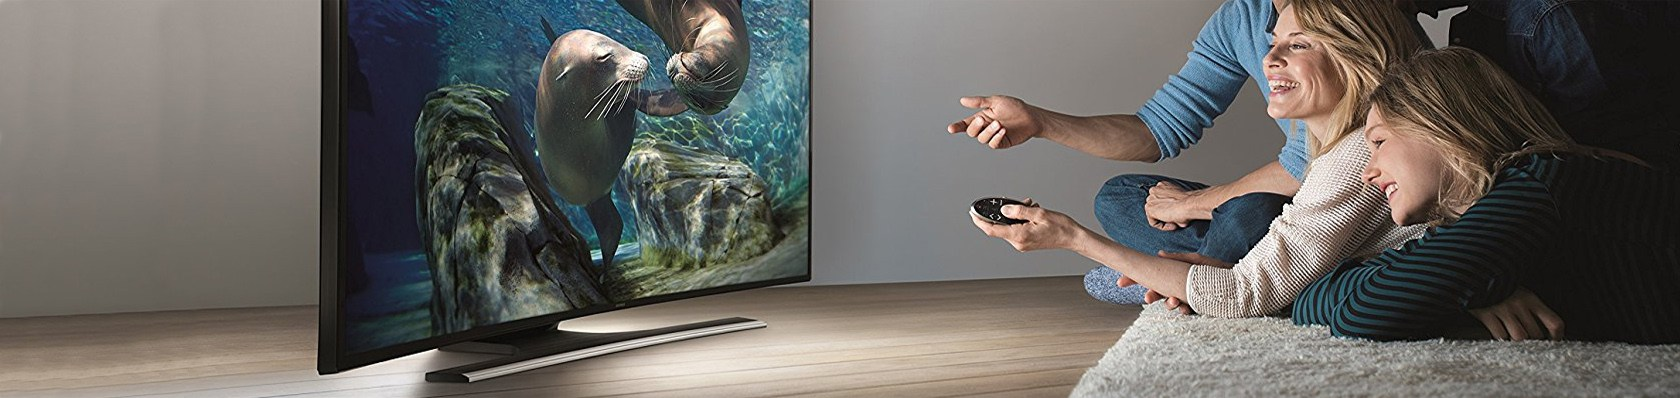 Curved TVs im Test auf ExpertenTesten.de